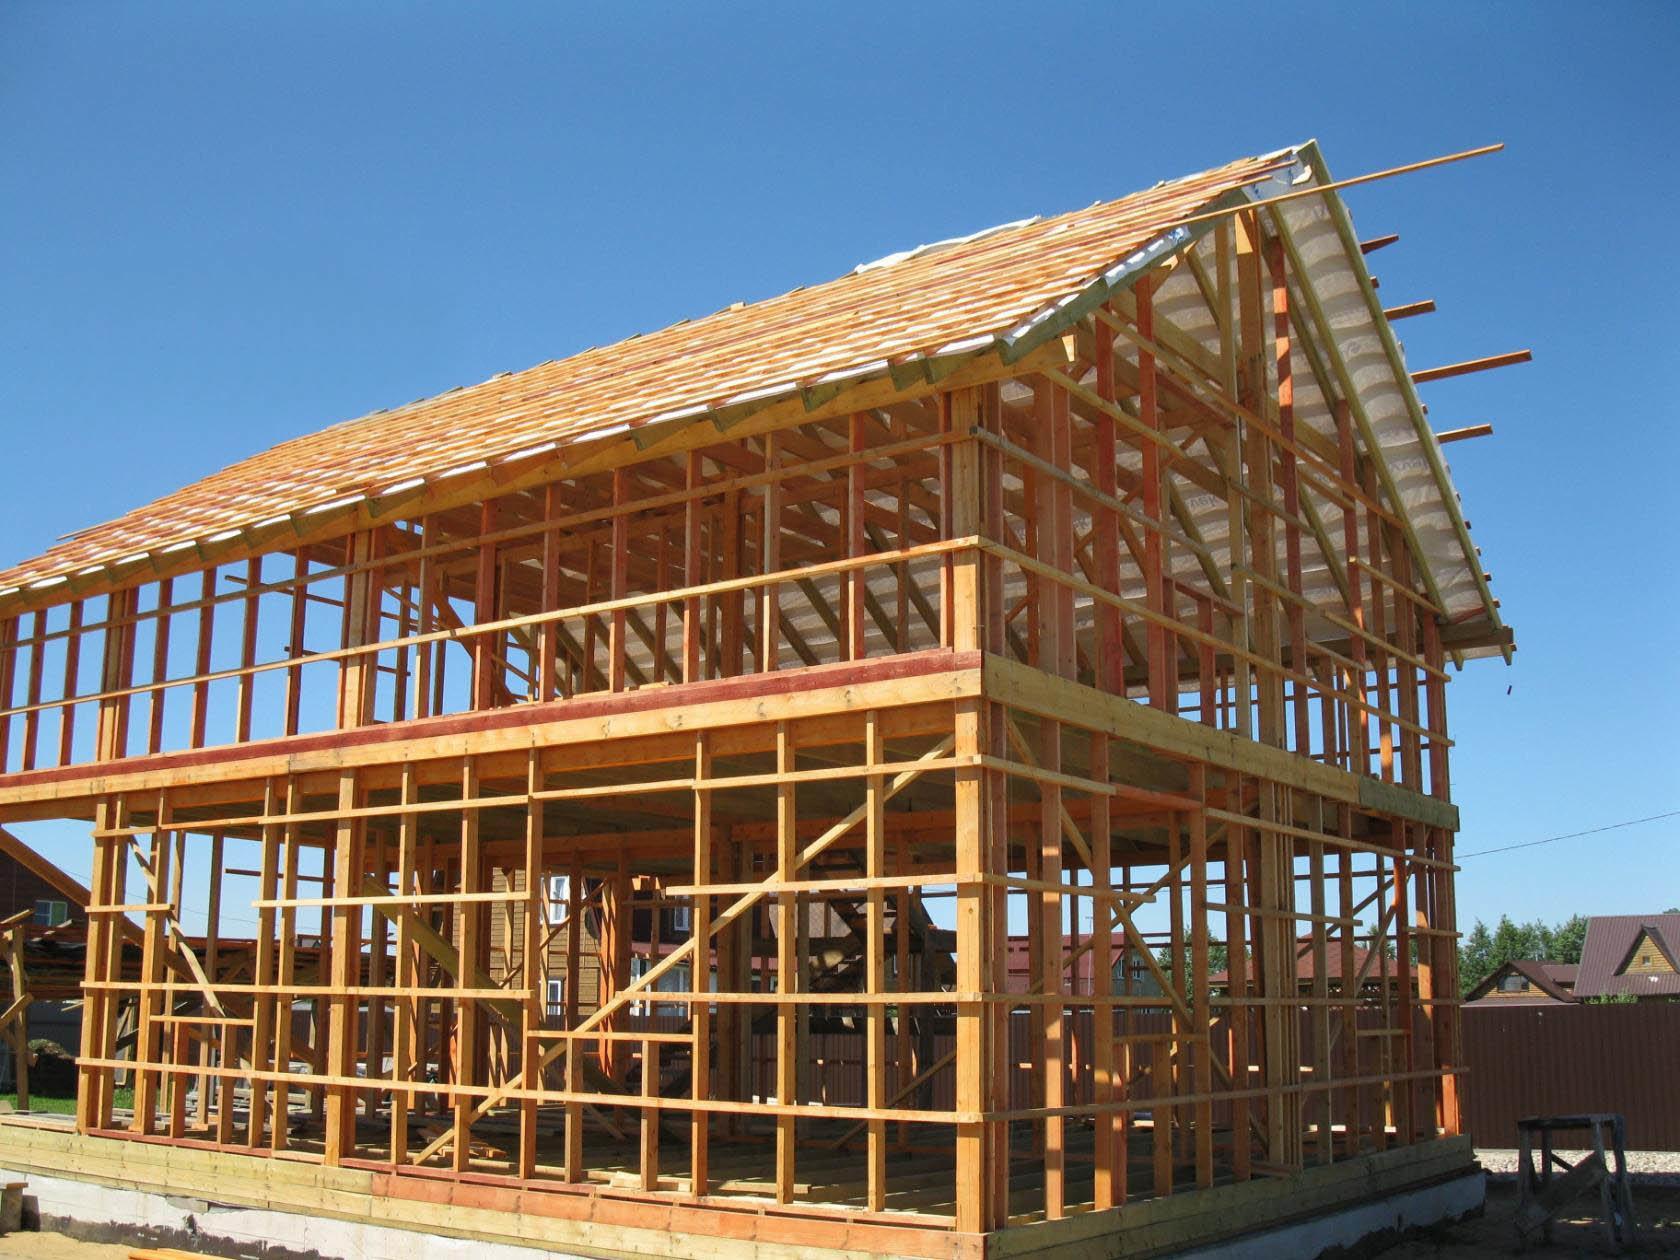 деревянный каркас дома для тех кто любит работать с деревом